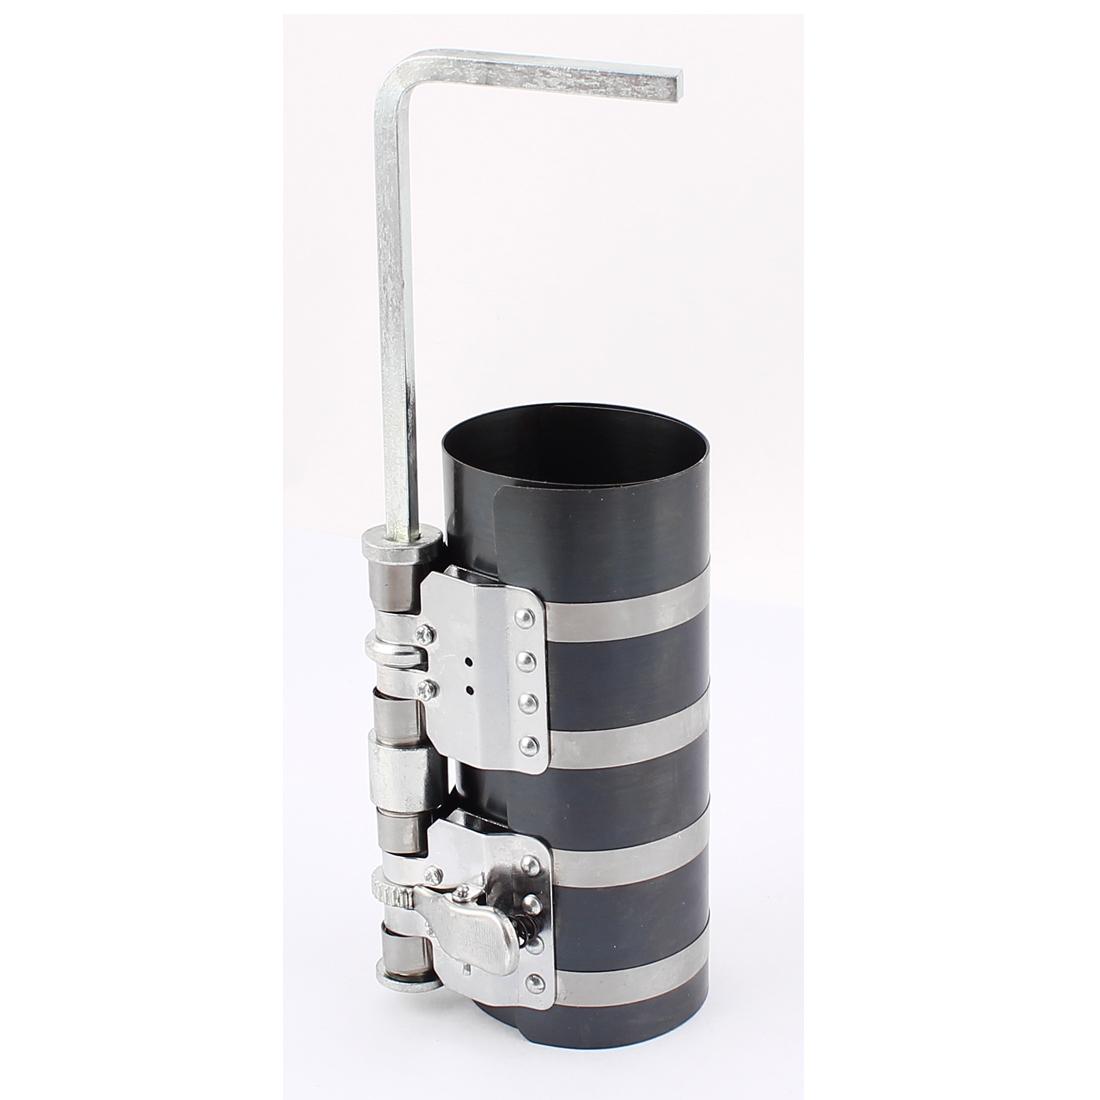 Piston Ring Compressor Tool 60-230mm Black Silver Tone